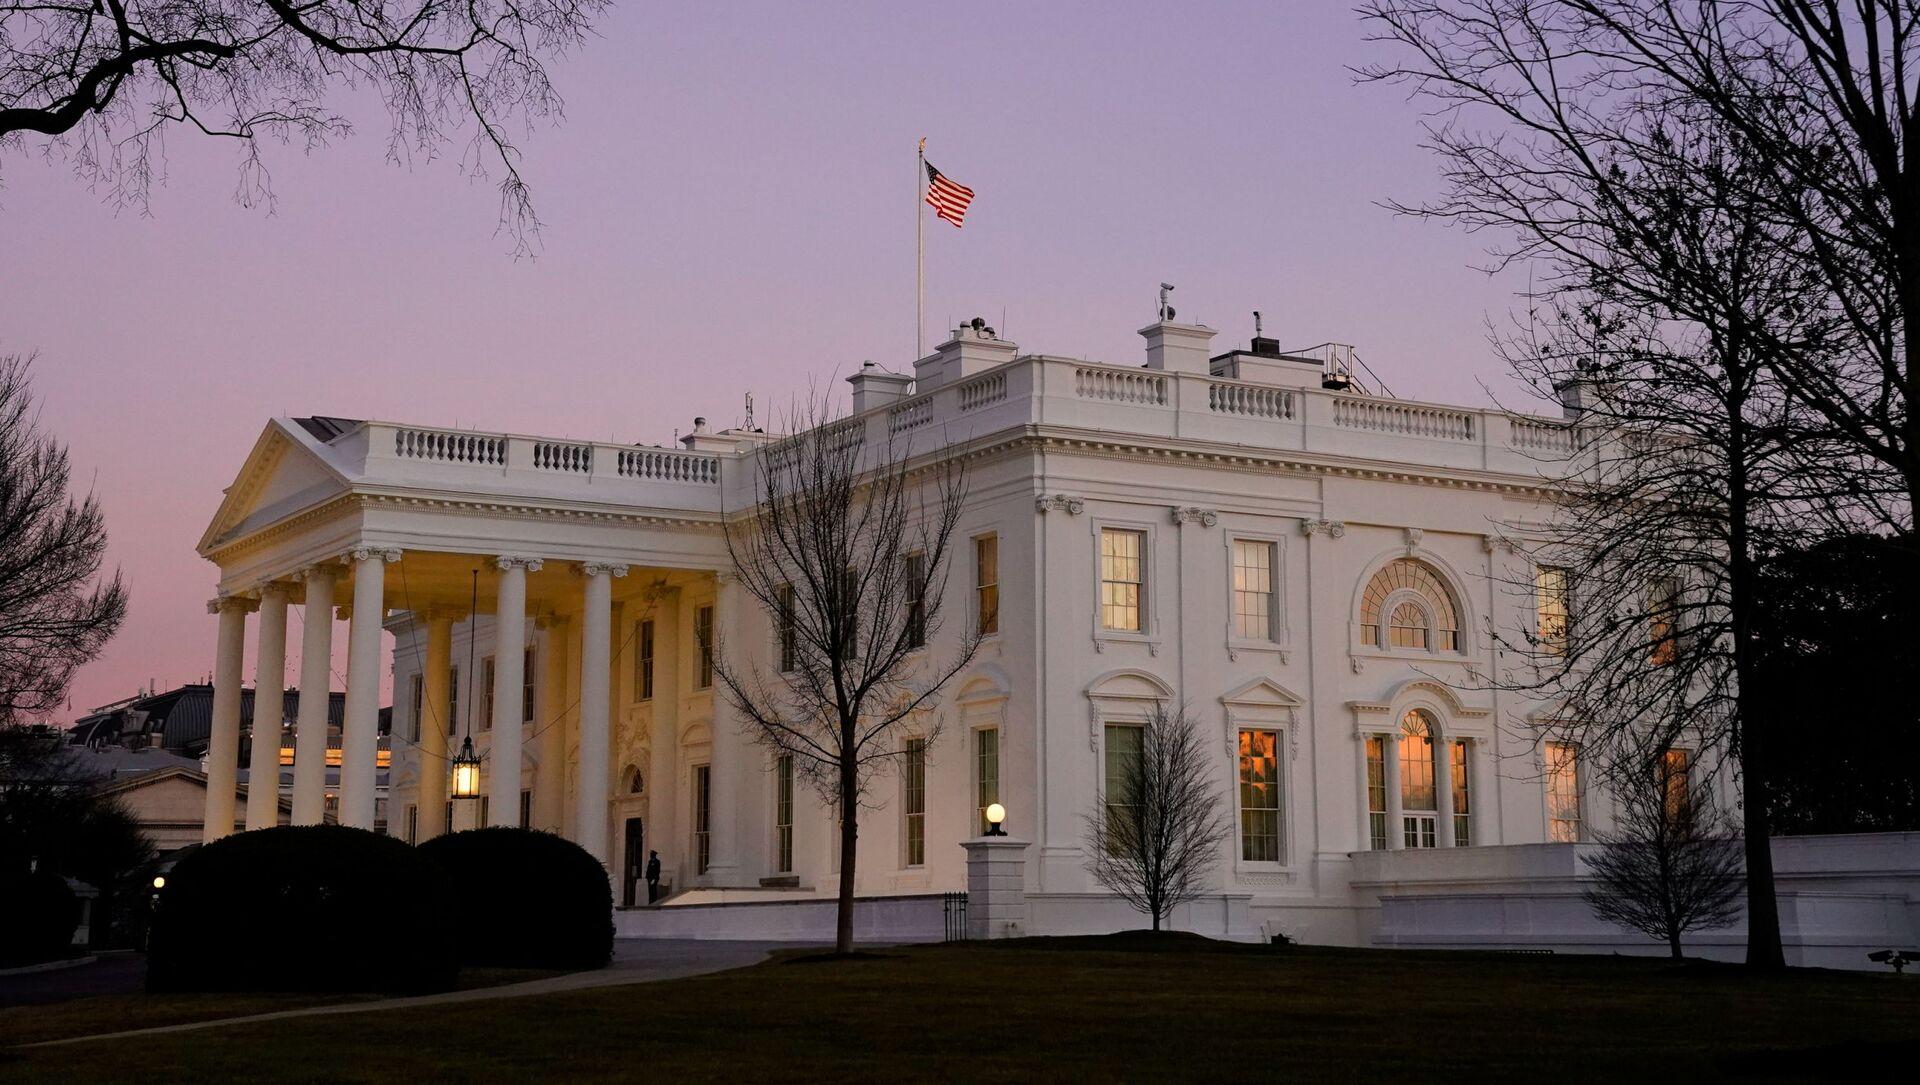 Výhled na Bílý dům ve Washingtonu - Sputnik Česká republika, 1920, 04.02.2021